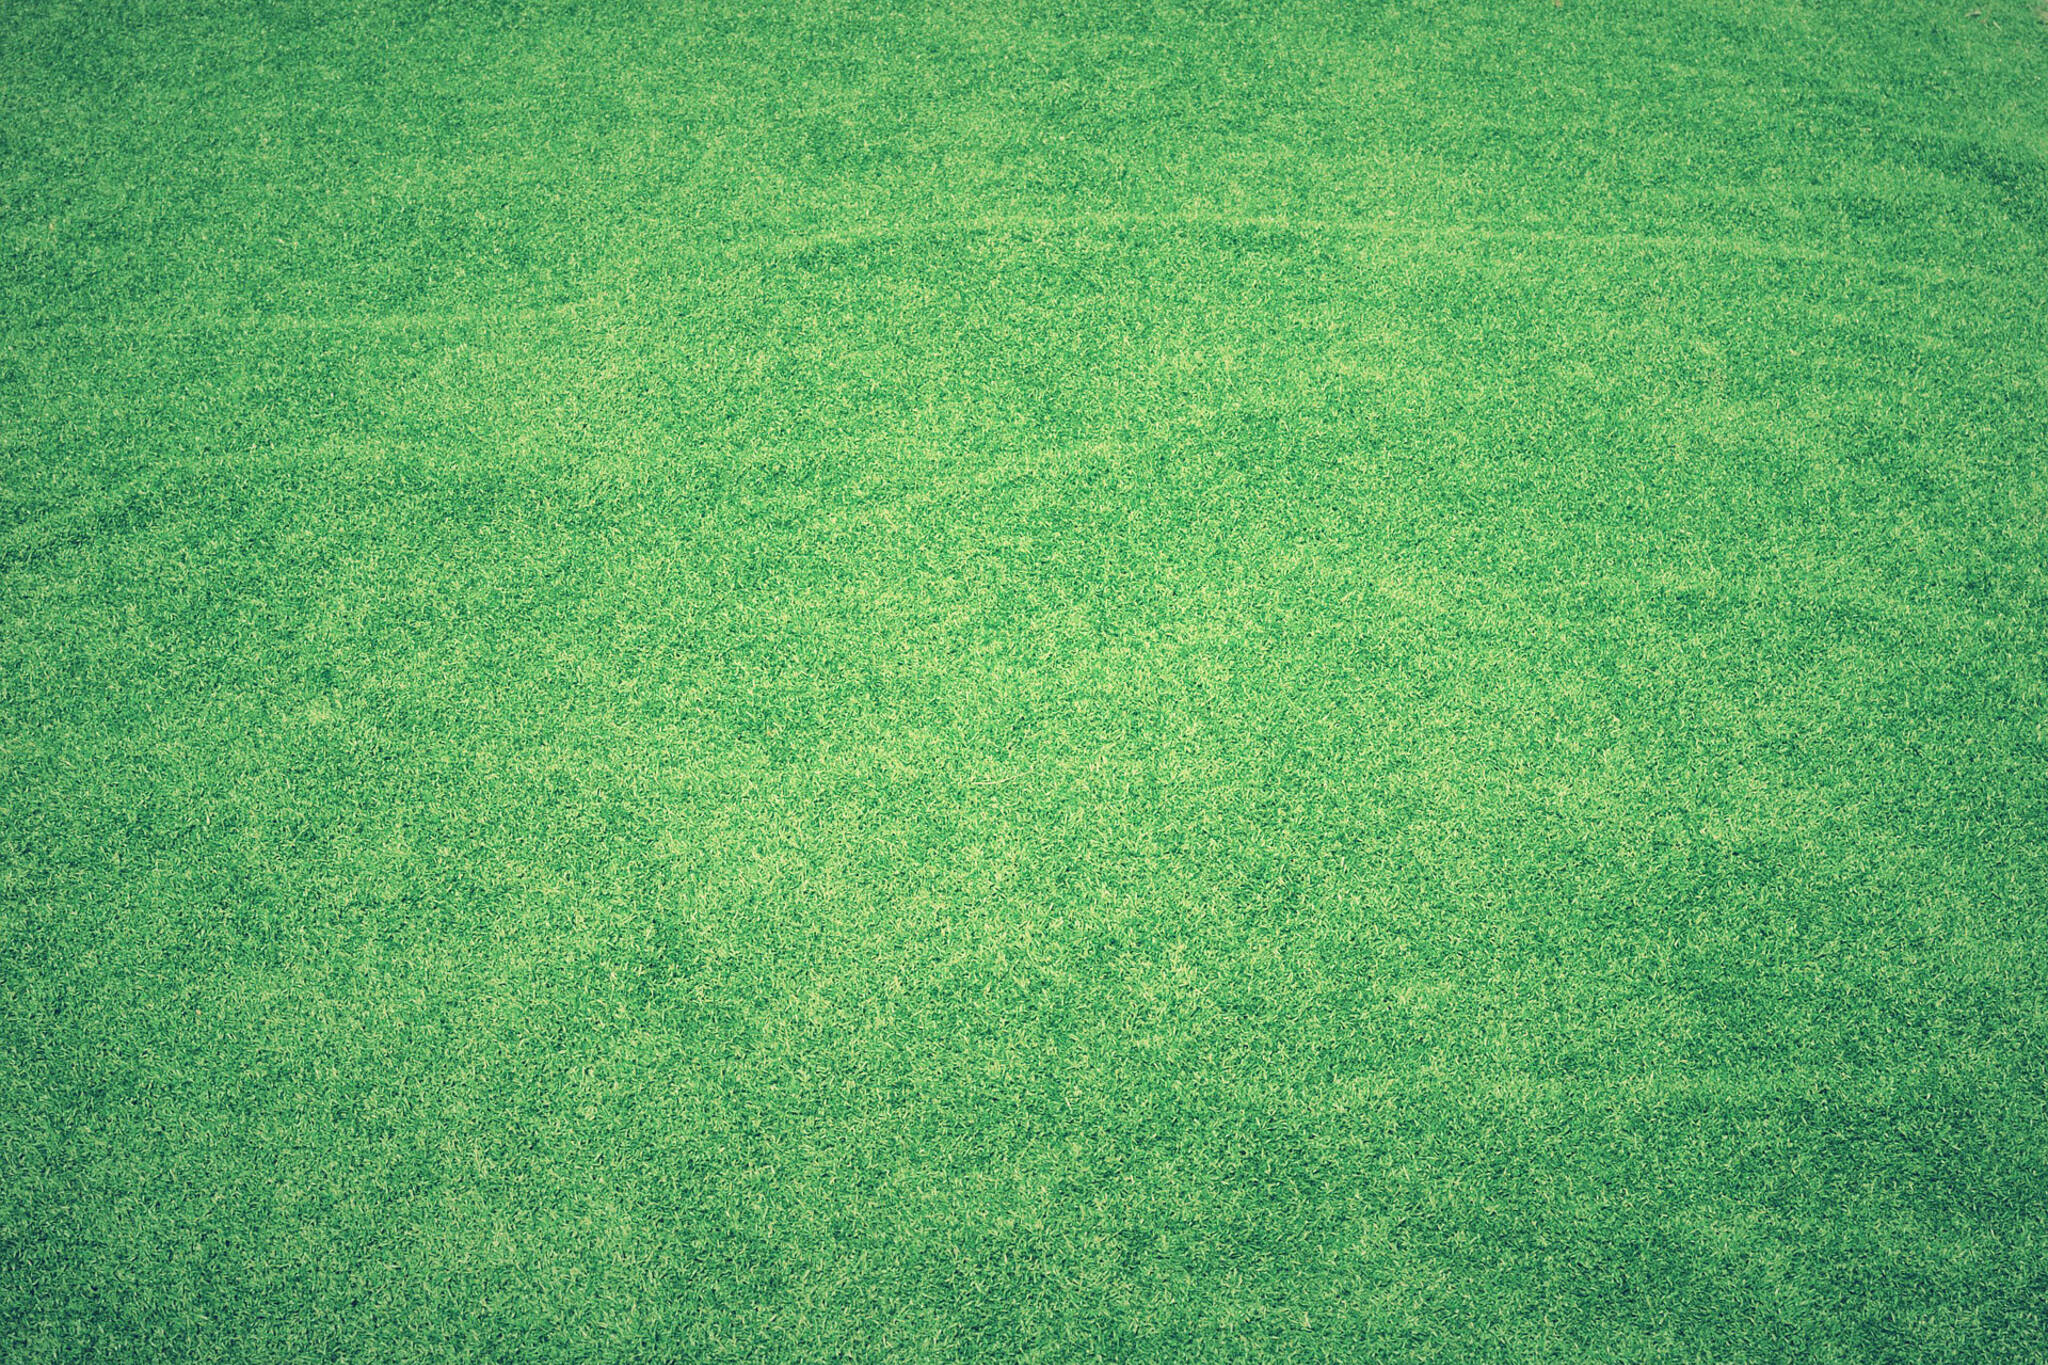 artificial grass toronto